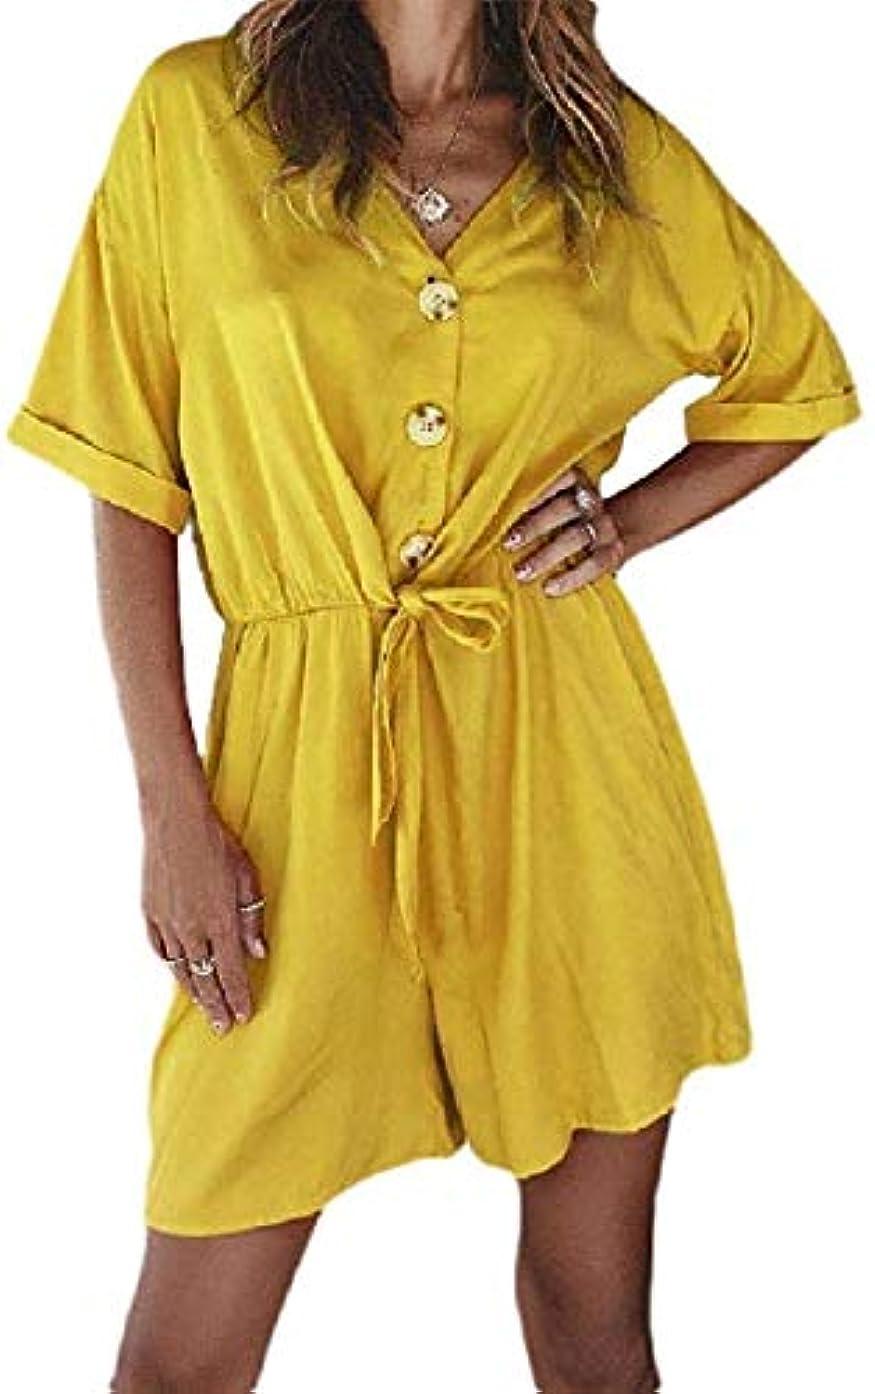 報酬豊かな魔術YIYILIU Womens Short Sleeve Summer Pure Color Stylish Coveralls Tunic Leisure Short